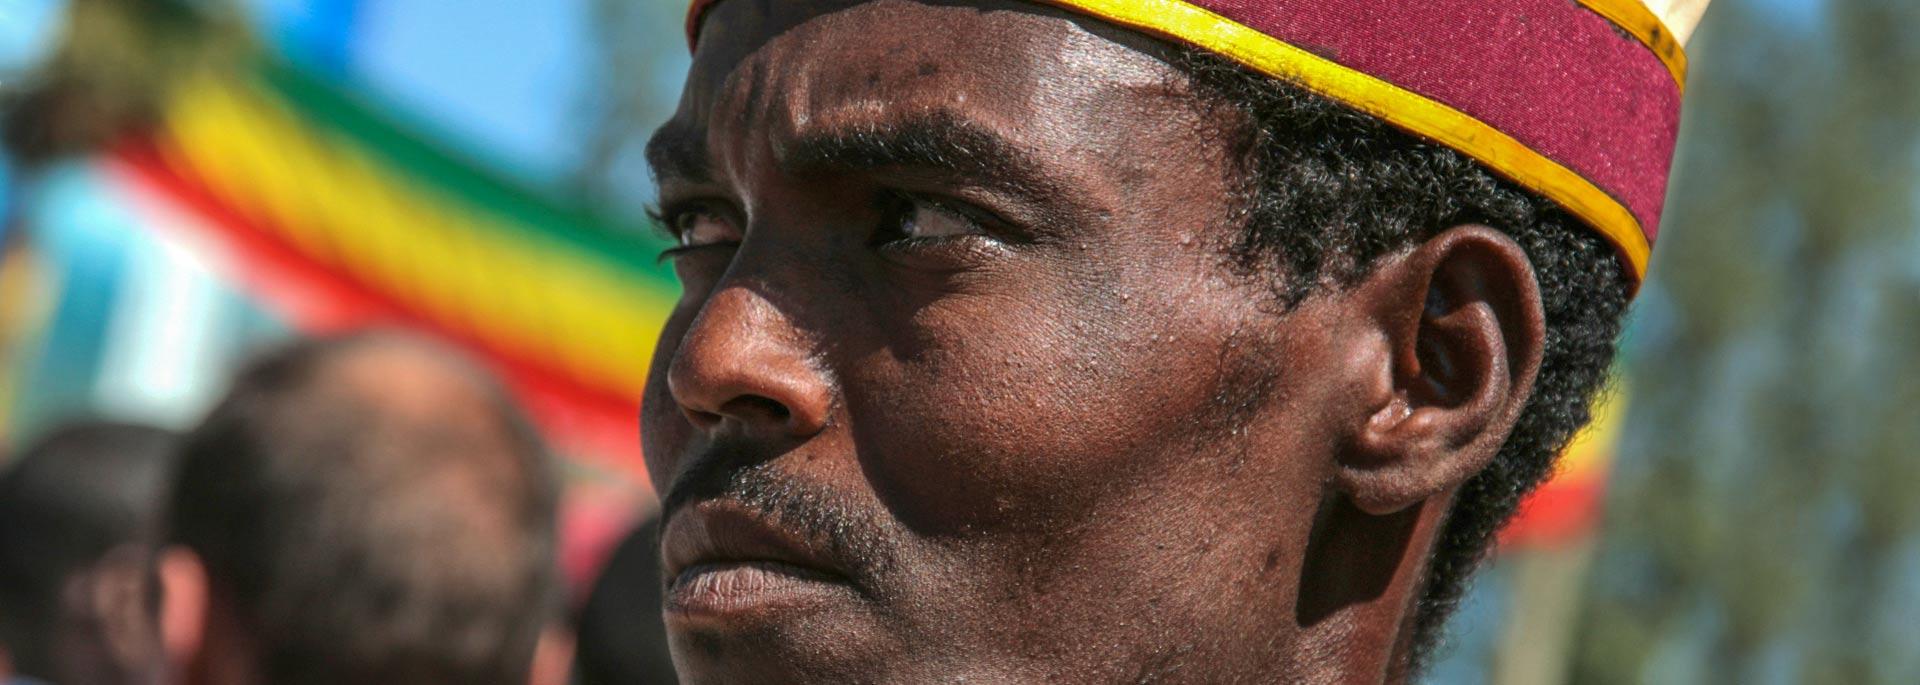 Fotos: Gesichter Äthiopiens